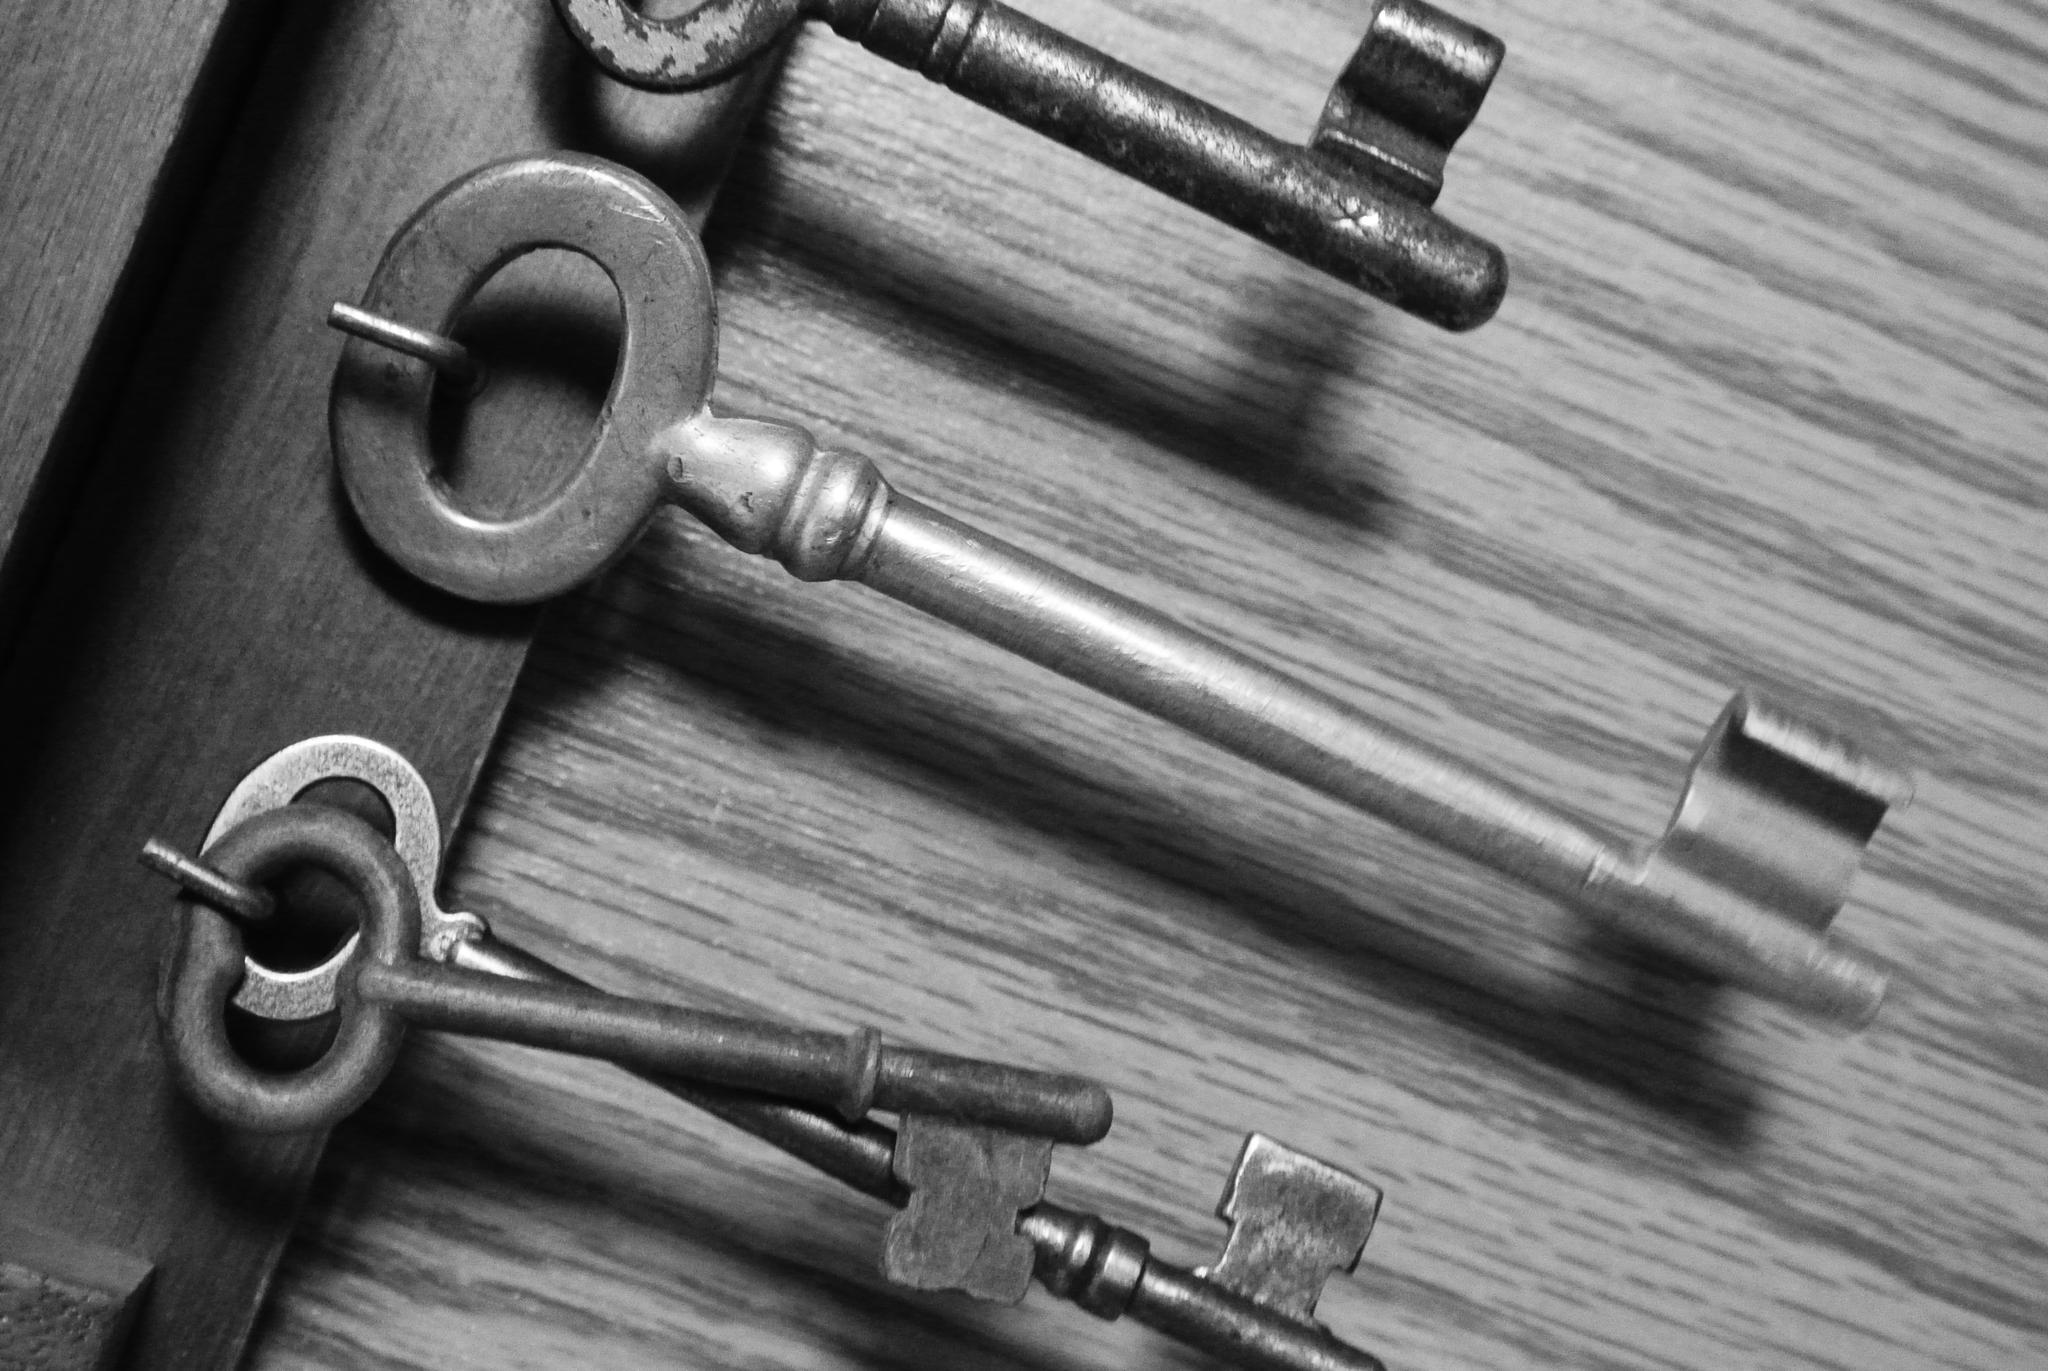 Skeleton Keys by Berly Battle